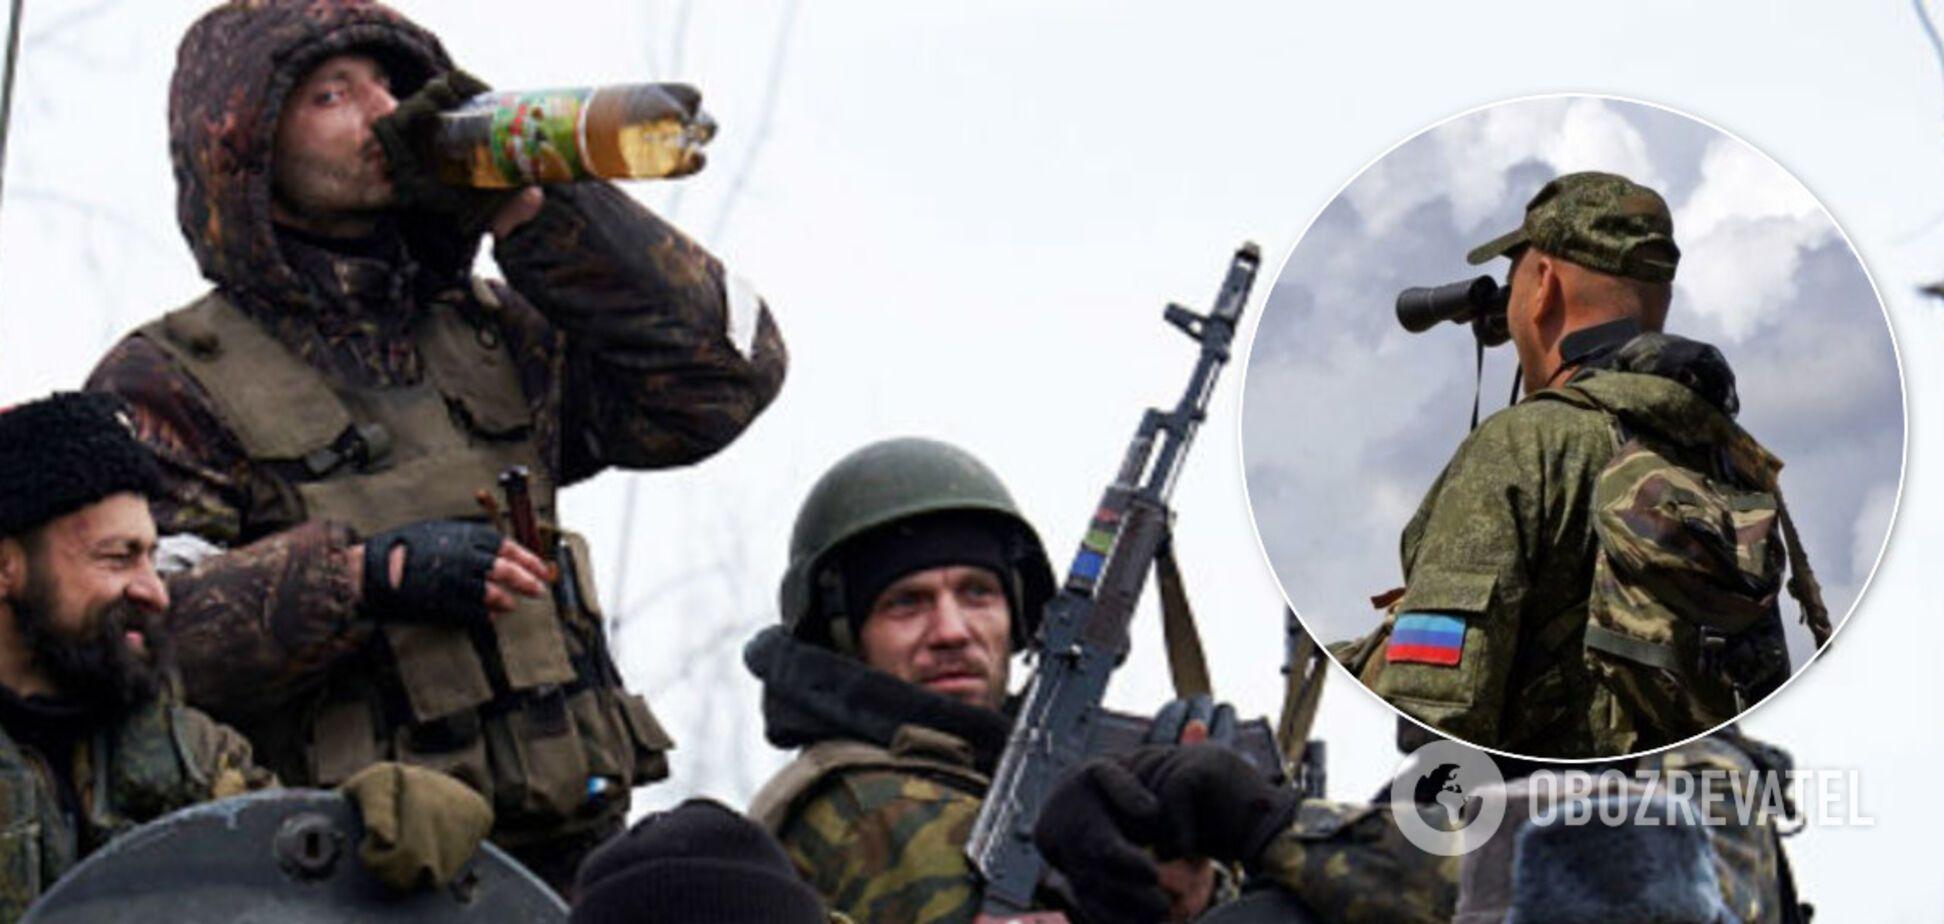 Российские офицеры разворовали деньги для 'Л/ДНР': в рядах террористов хаос